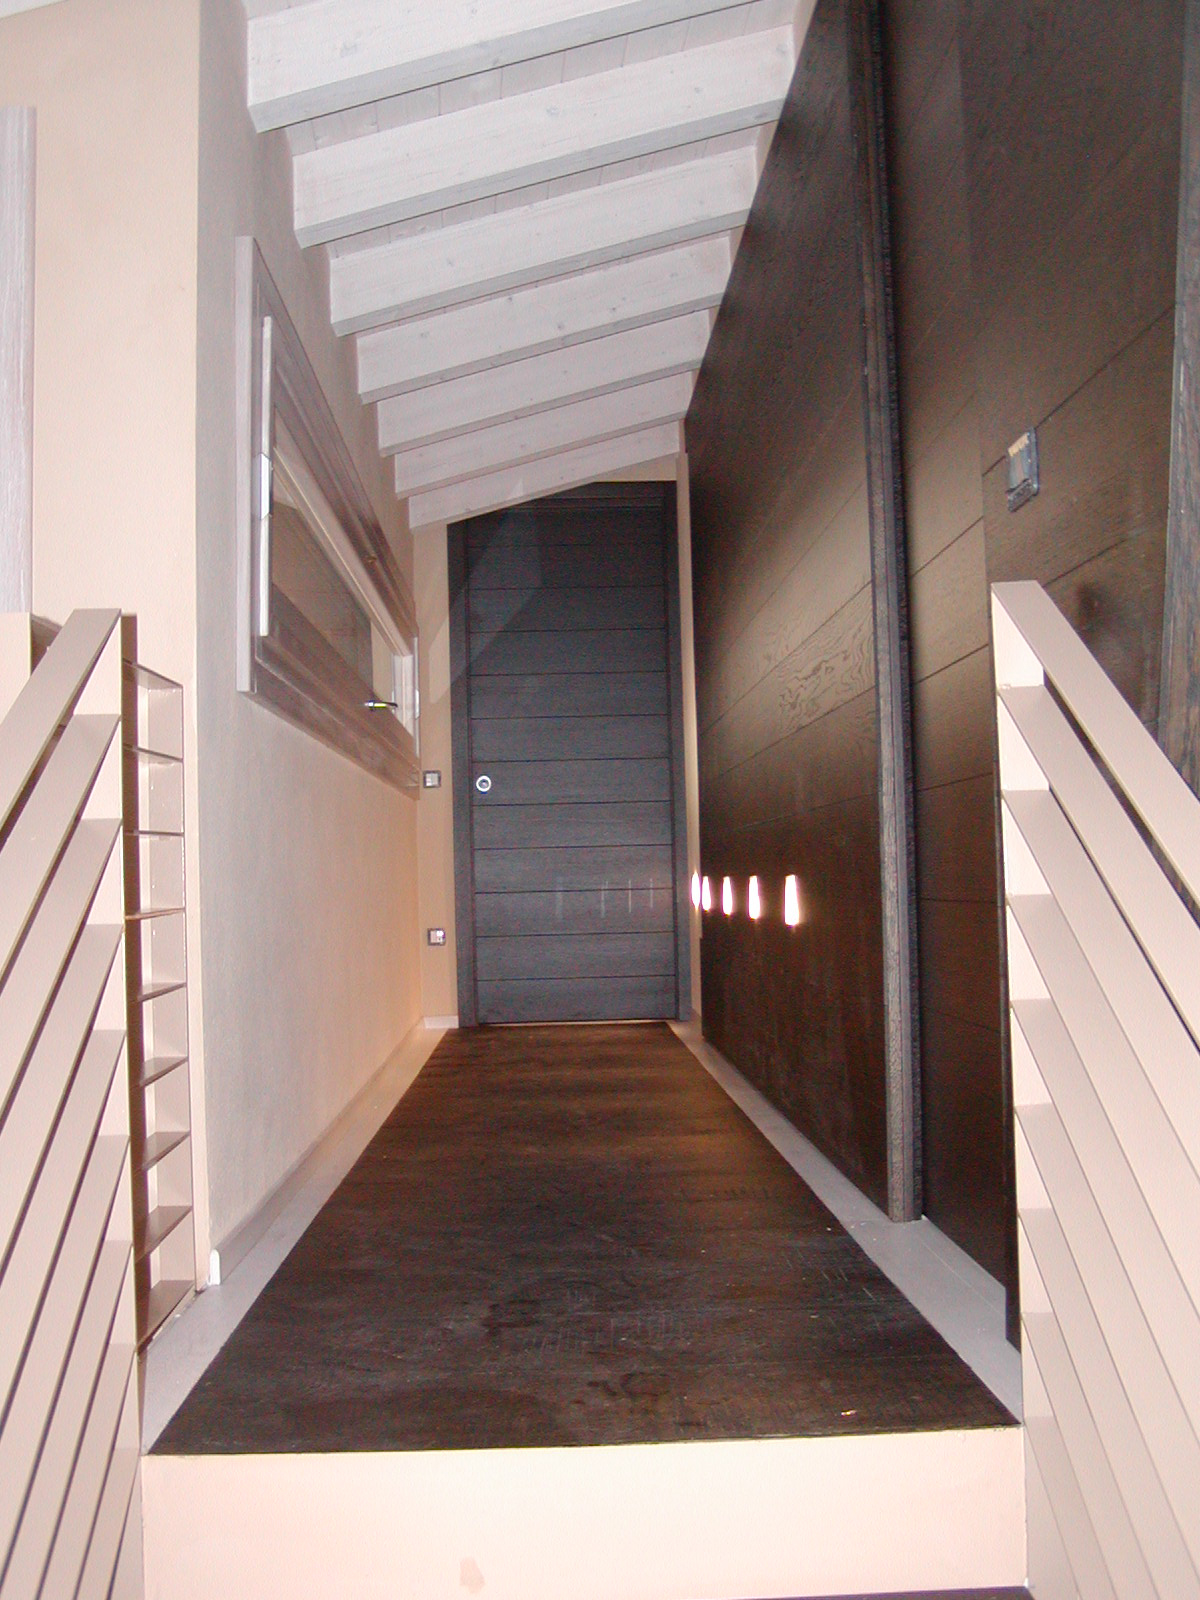 Studio-di-architettura-Baisotti-Sigala-prgetti150